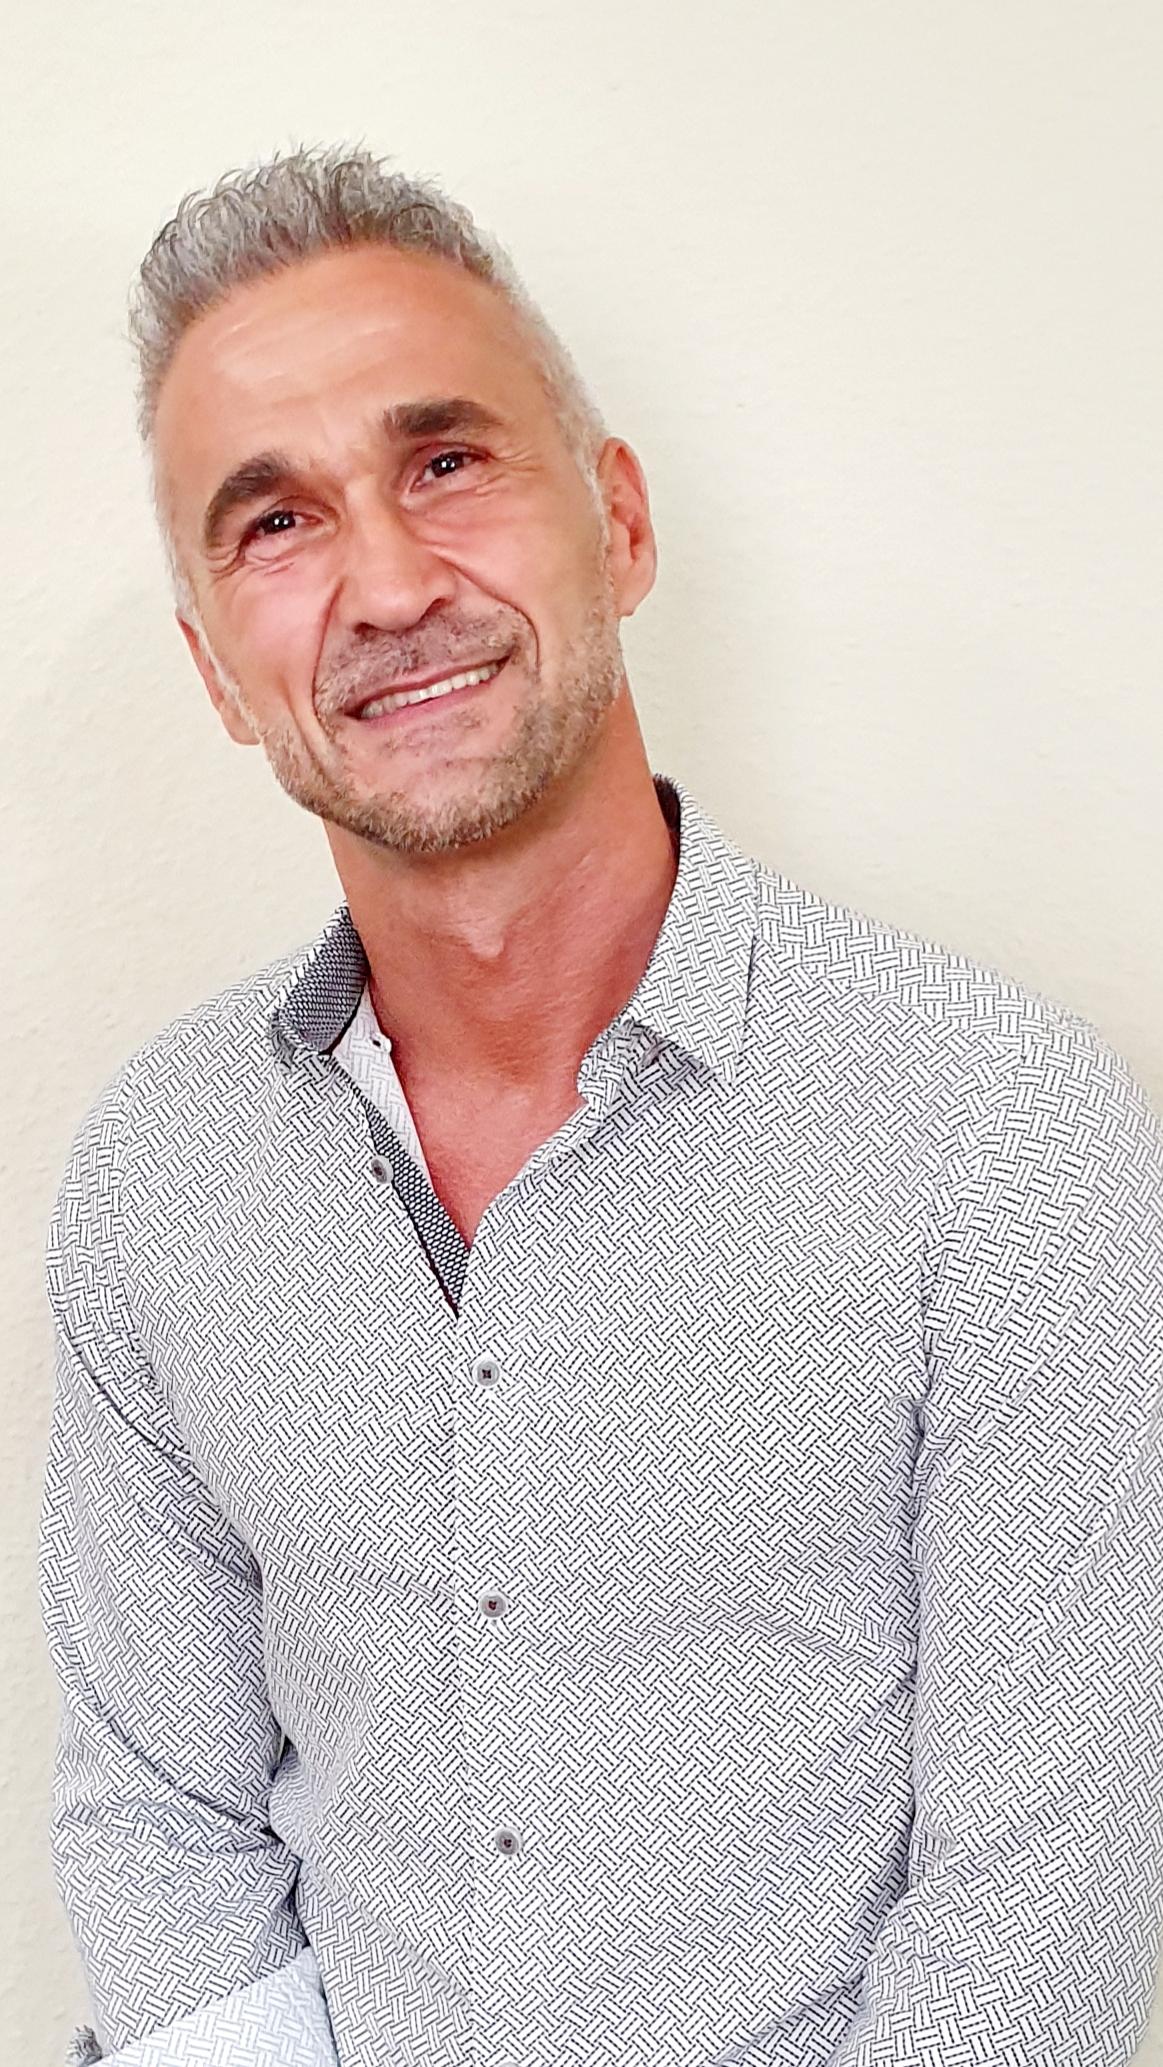 Frank Sledziowski